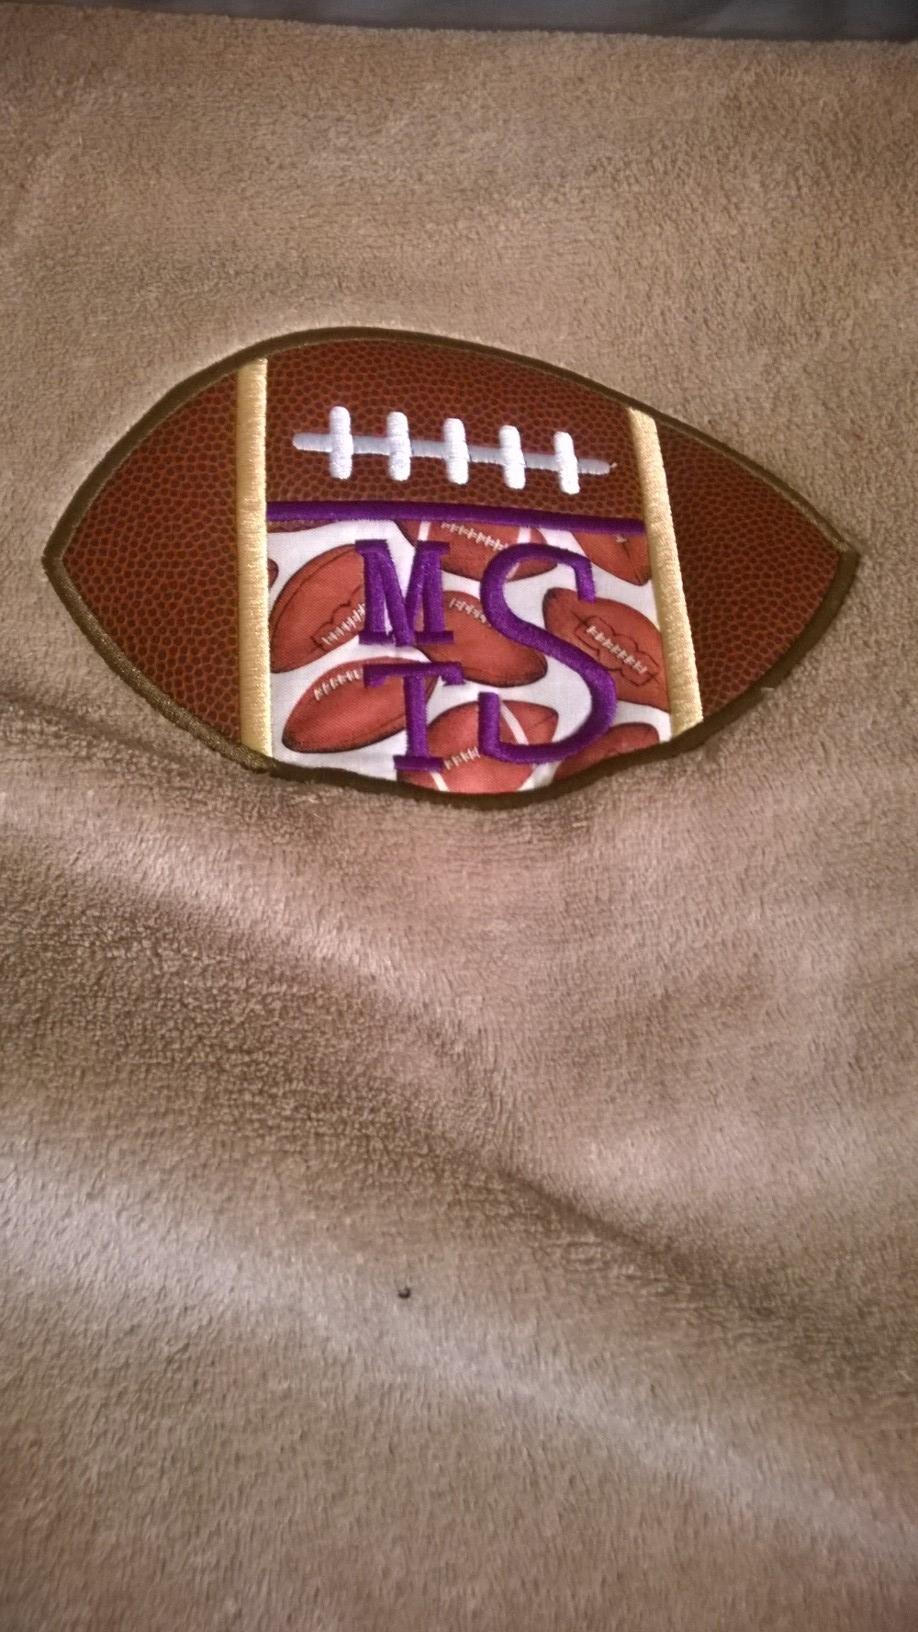 Blanket-football monogram